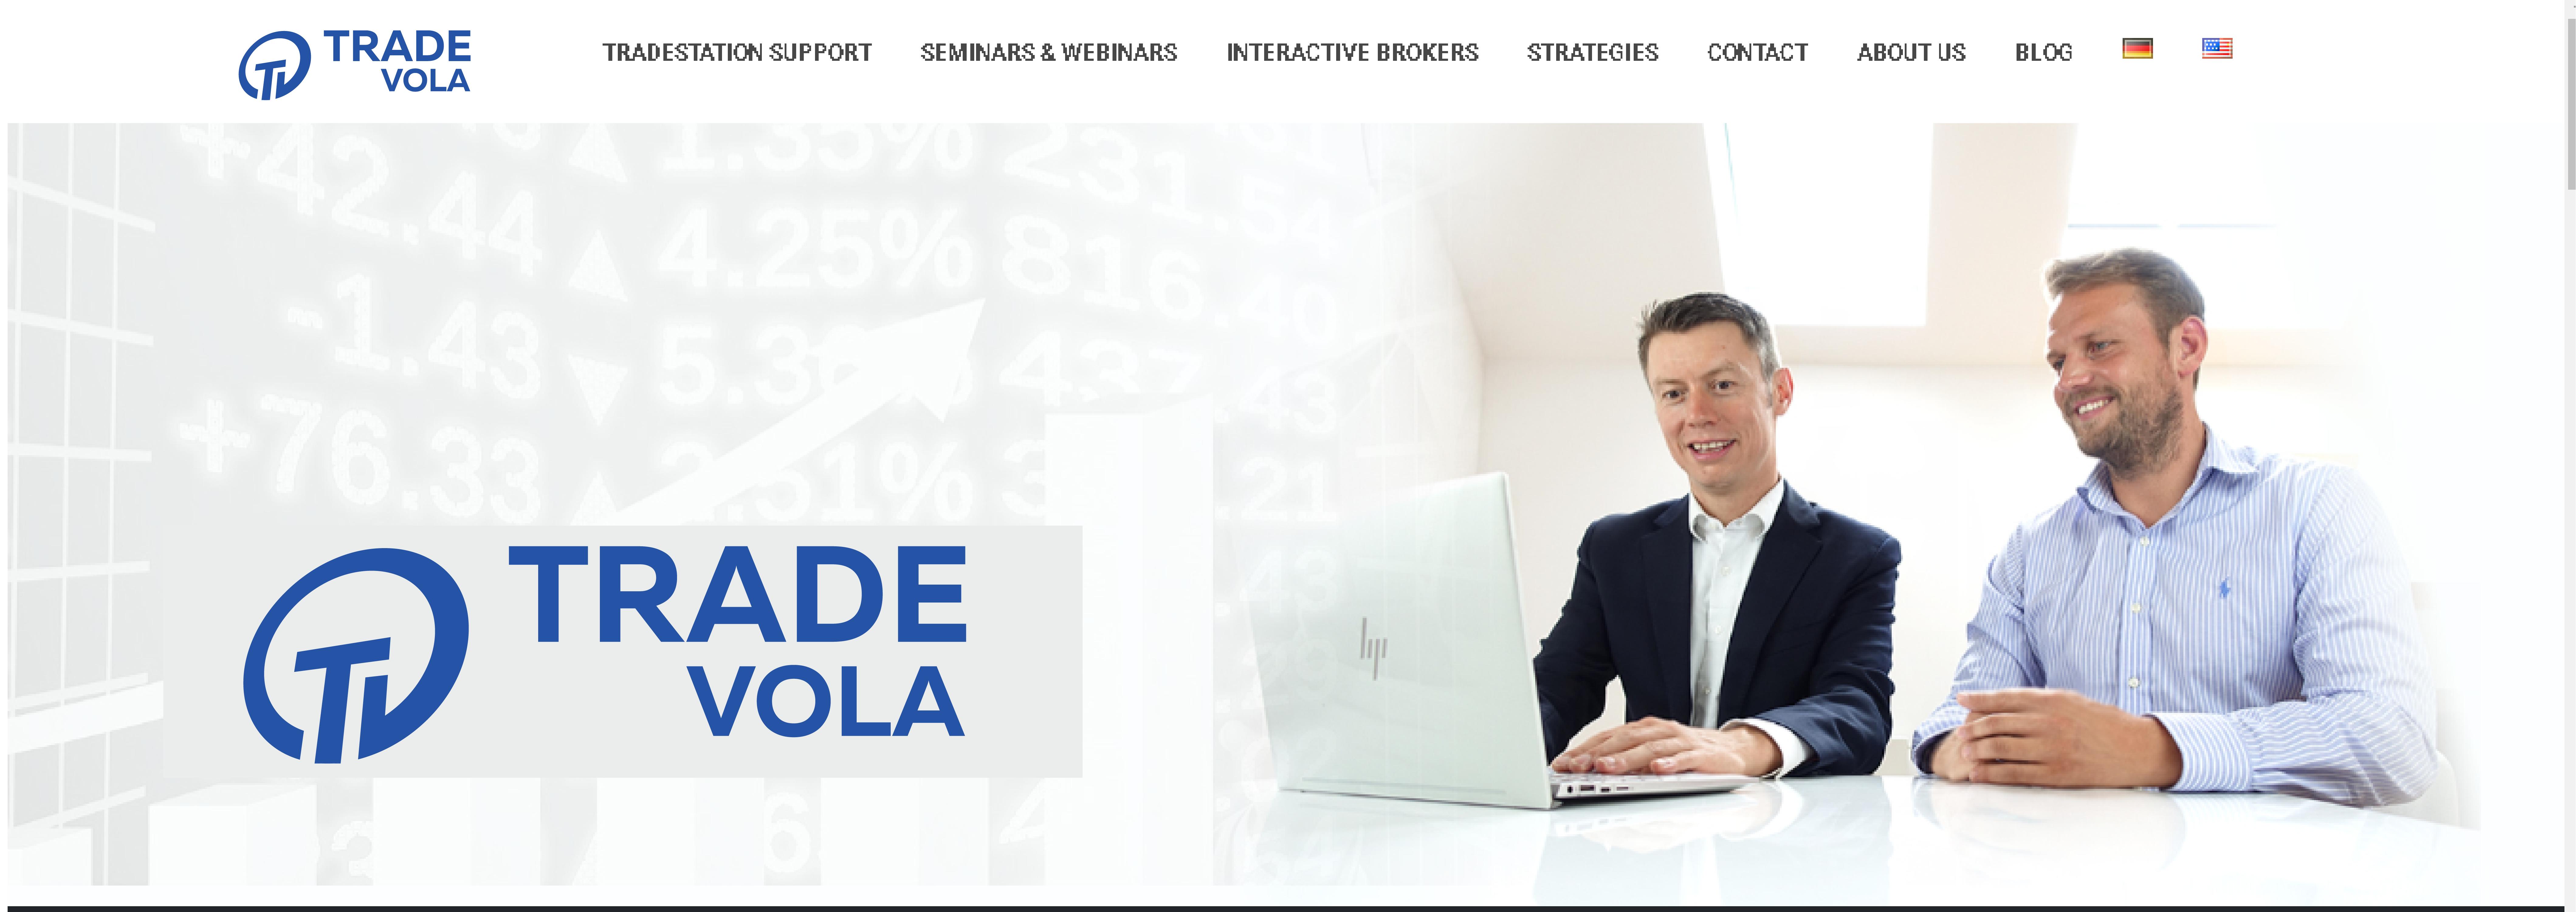 TradeVola